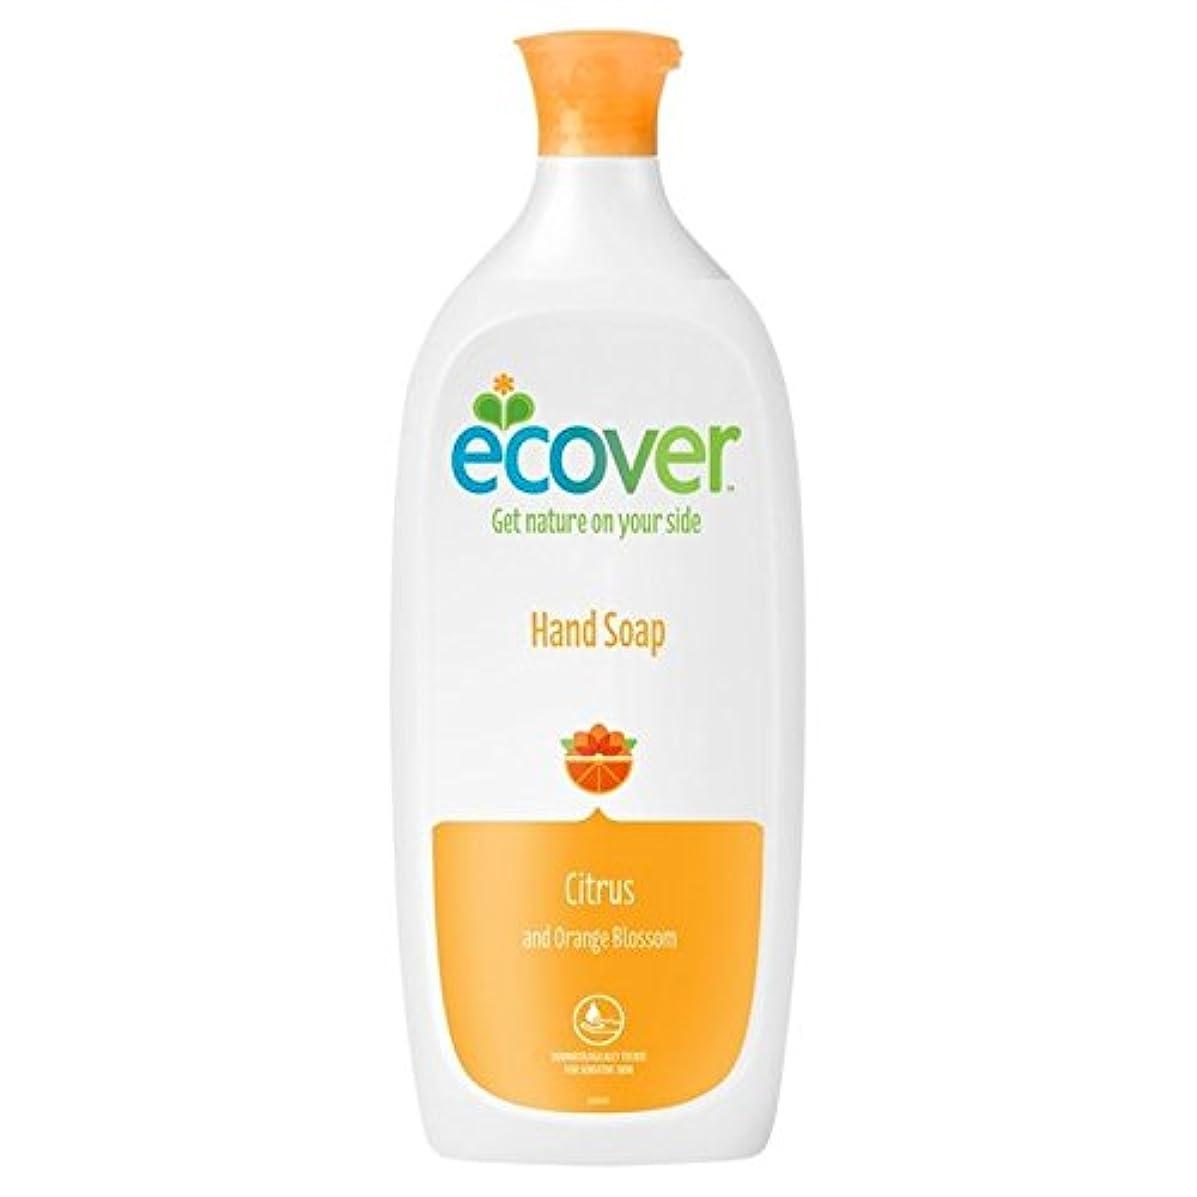 くちばしキャプション掘るエコベール液体石鹸シトラス&オレンジの花のリフィル1リットル x4 - Ecover Liquid Soap Citrus & Orange Blossom Refill 1L (Pack of 4) [並行輸入品]